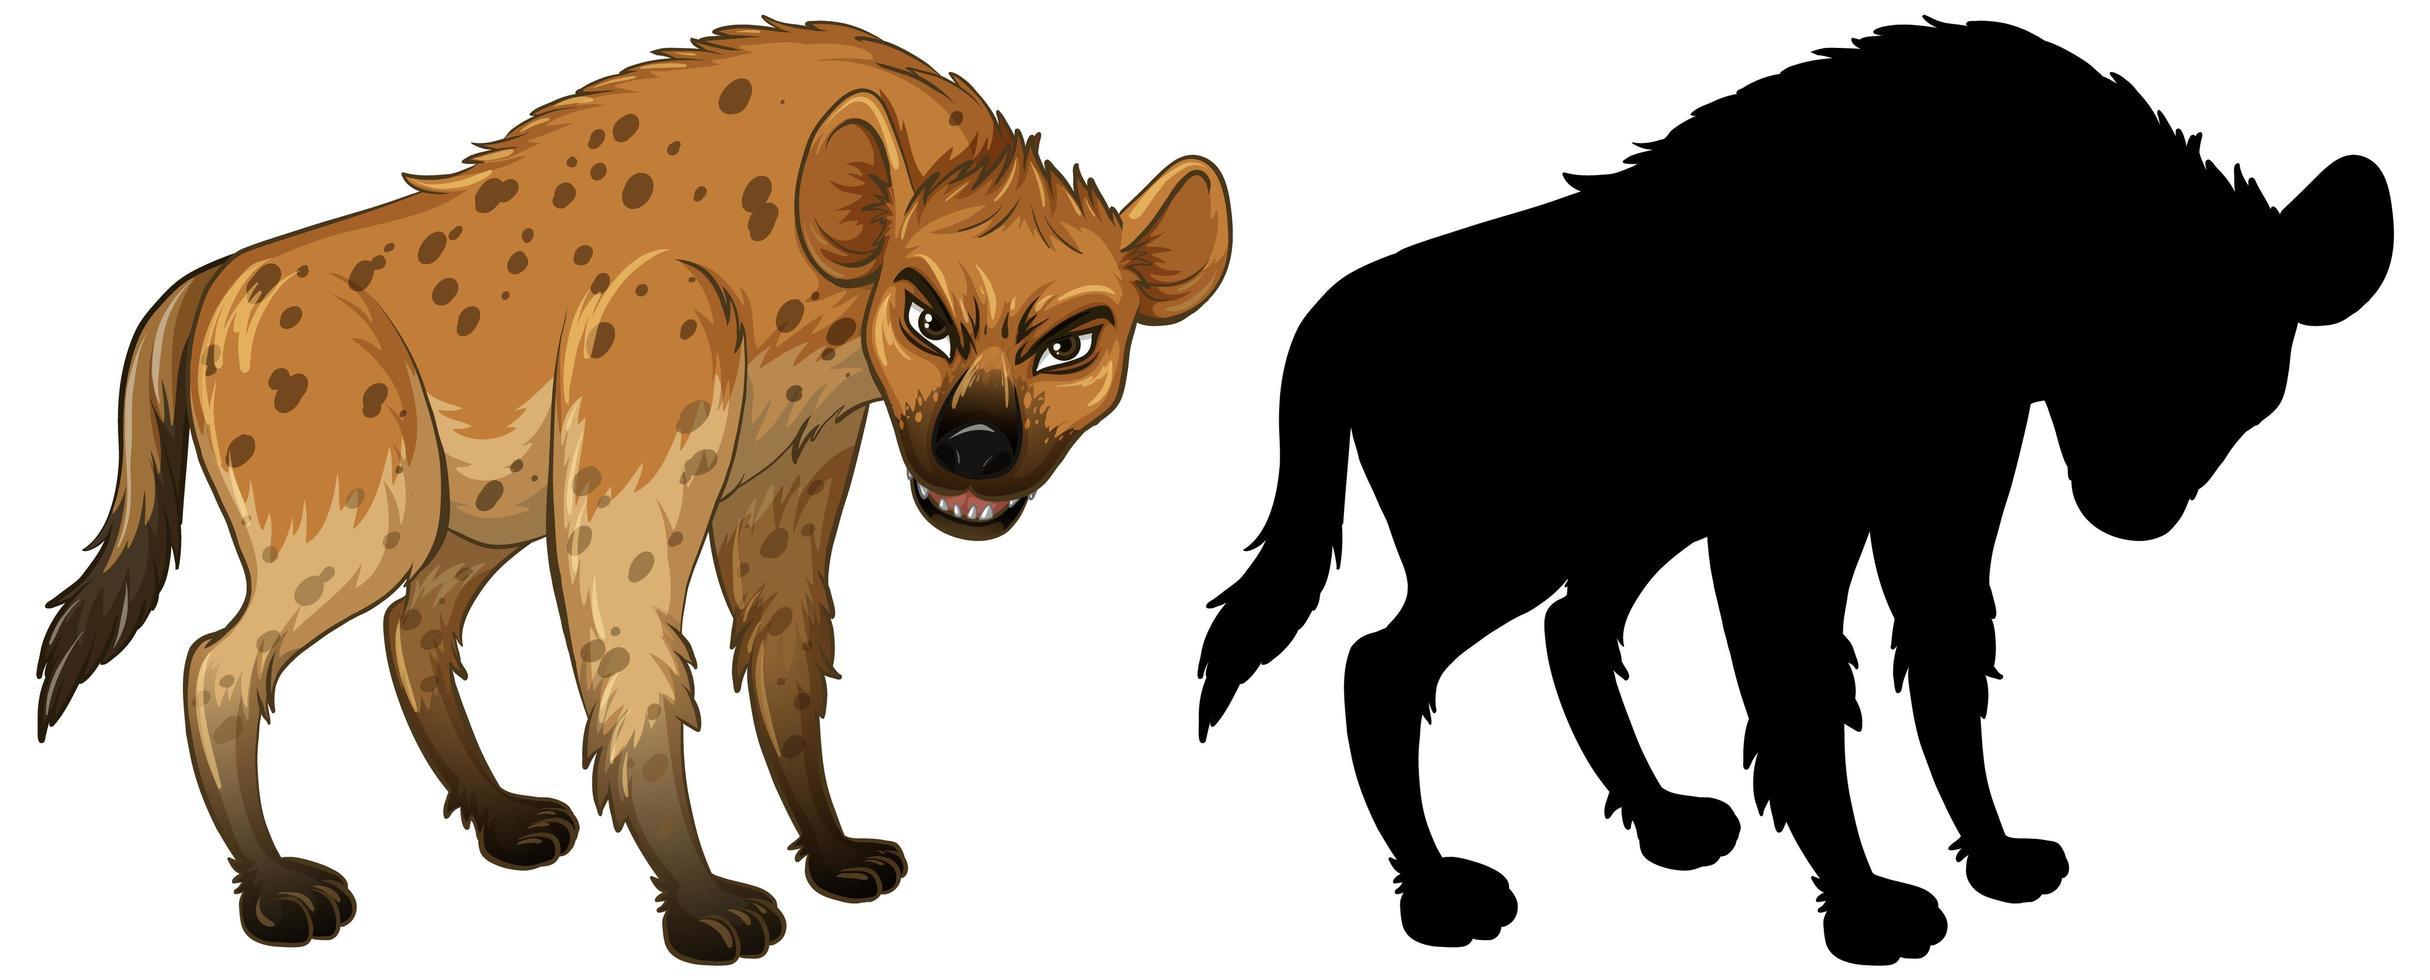 Hyänencharakter und seine Silhouette auf weißem Hintergrund vektor